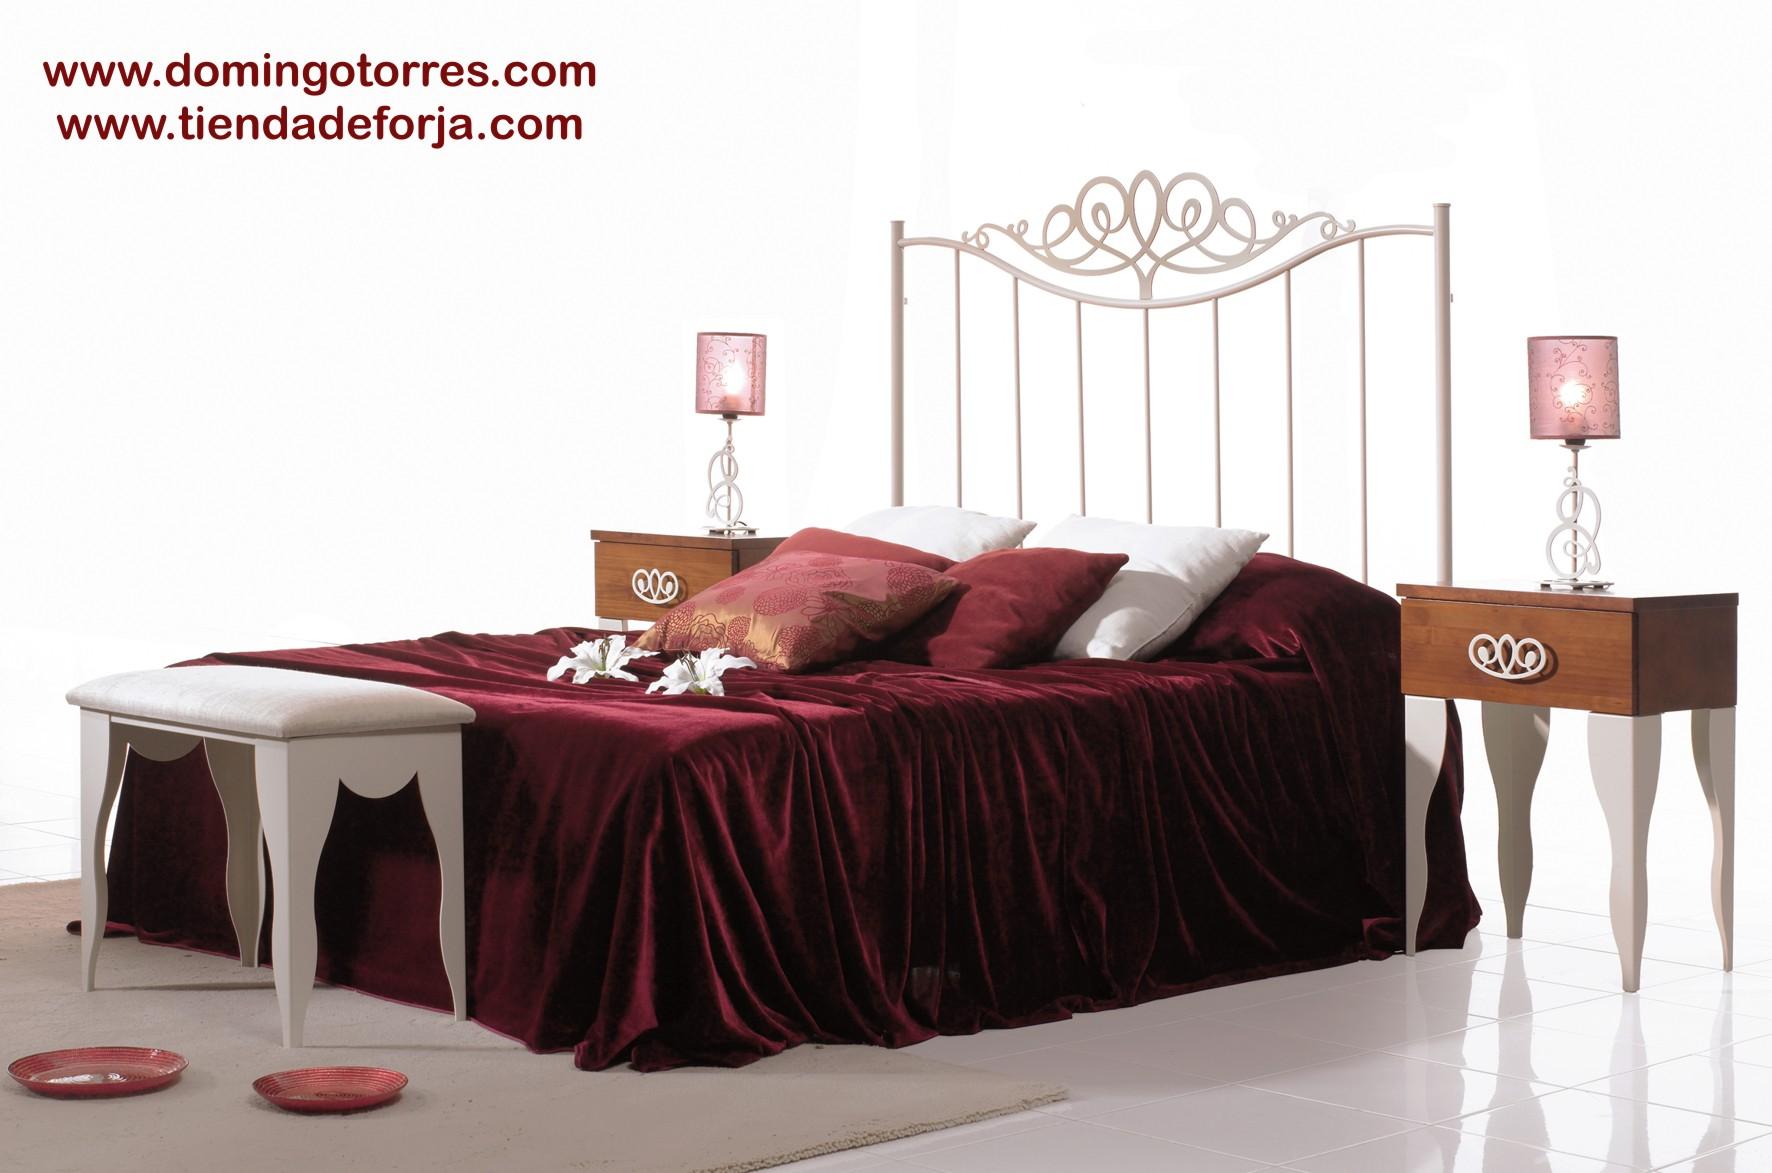 Cabecero y cama sencilla de forja c 111 pilar forja - Cabeceros cama de forja ...